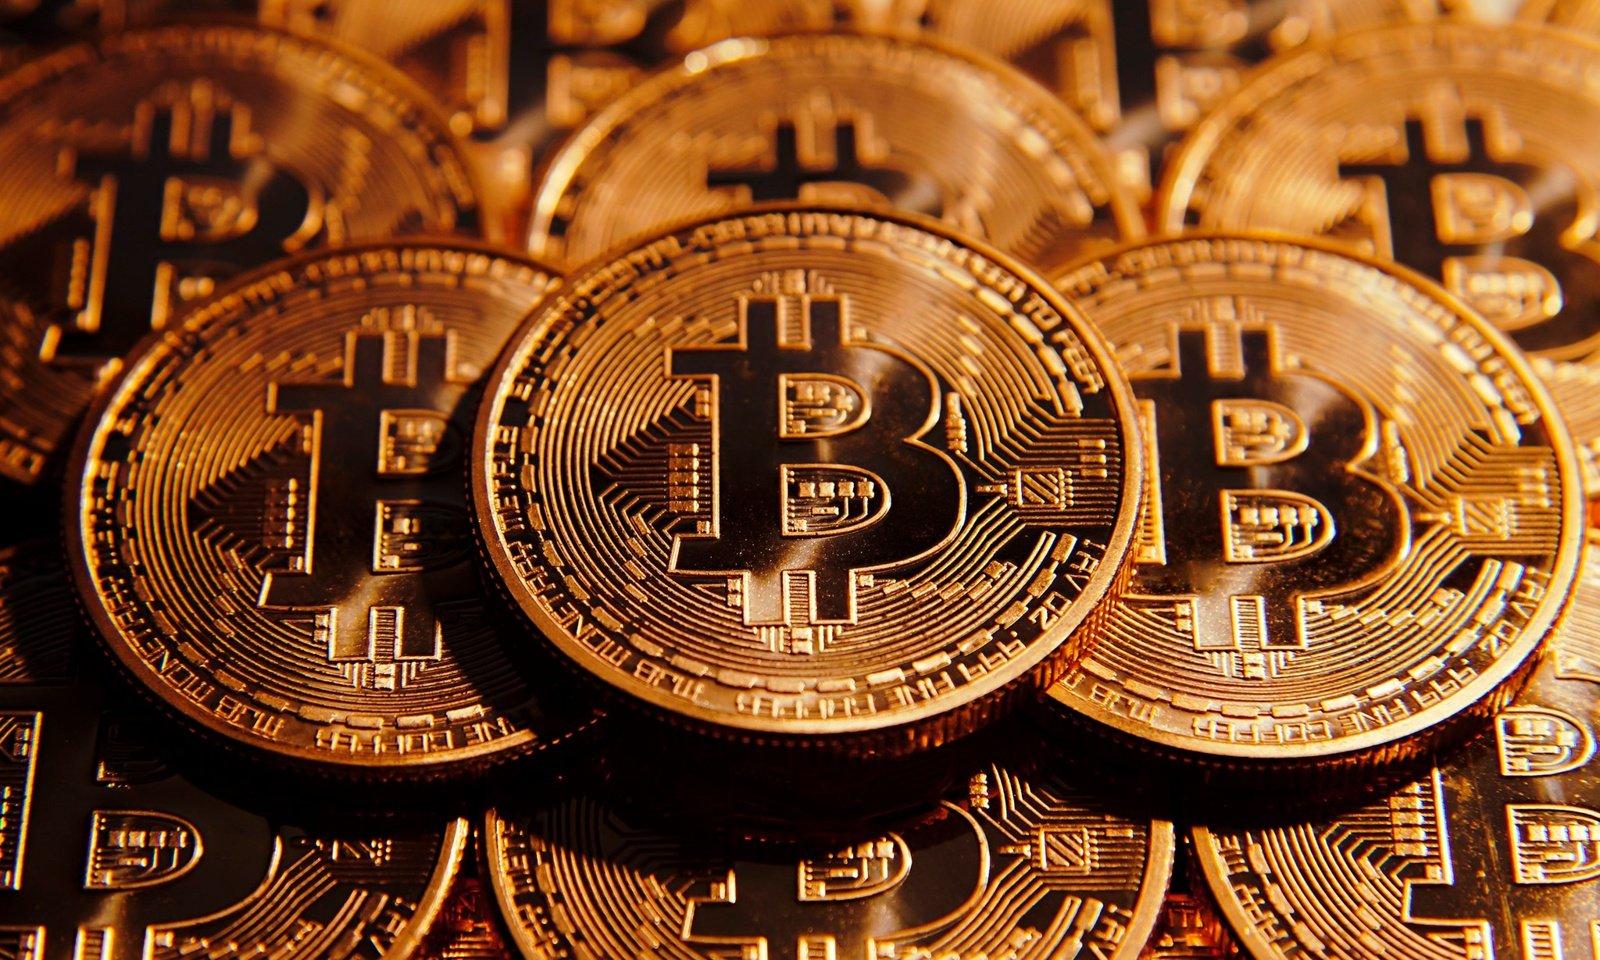 100 tūkst. eurų – už konfiskuotos kriptovaliutos konvertavimą